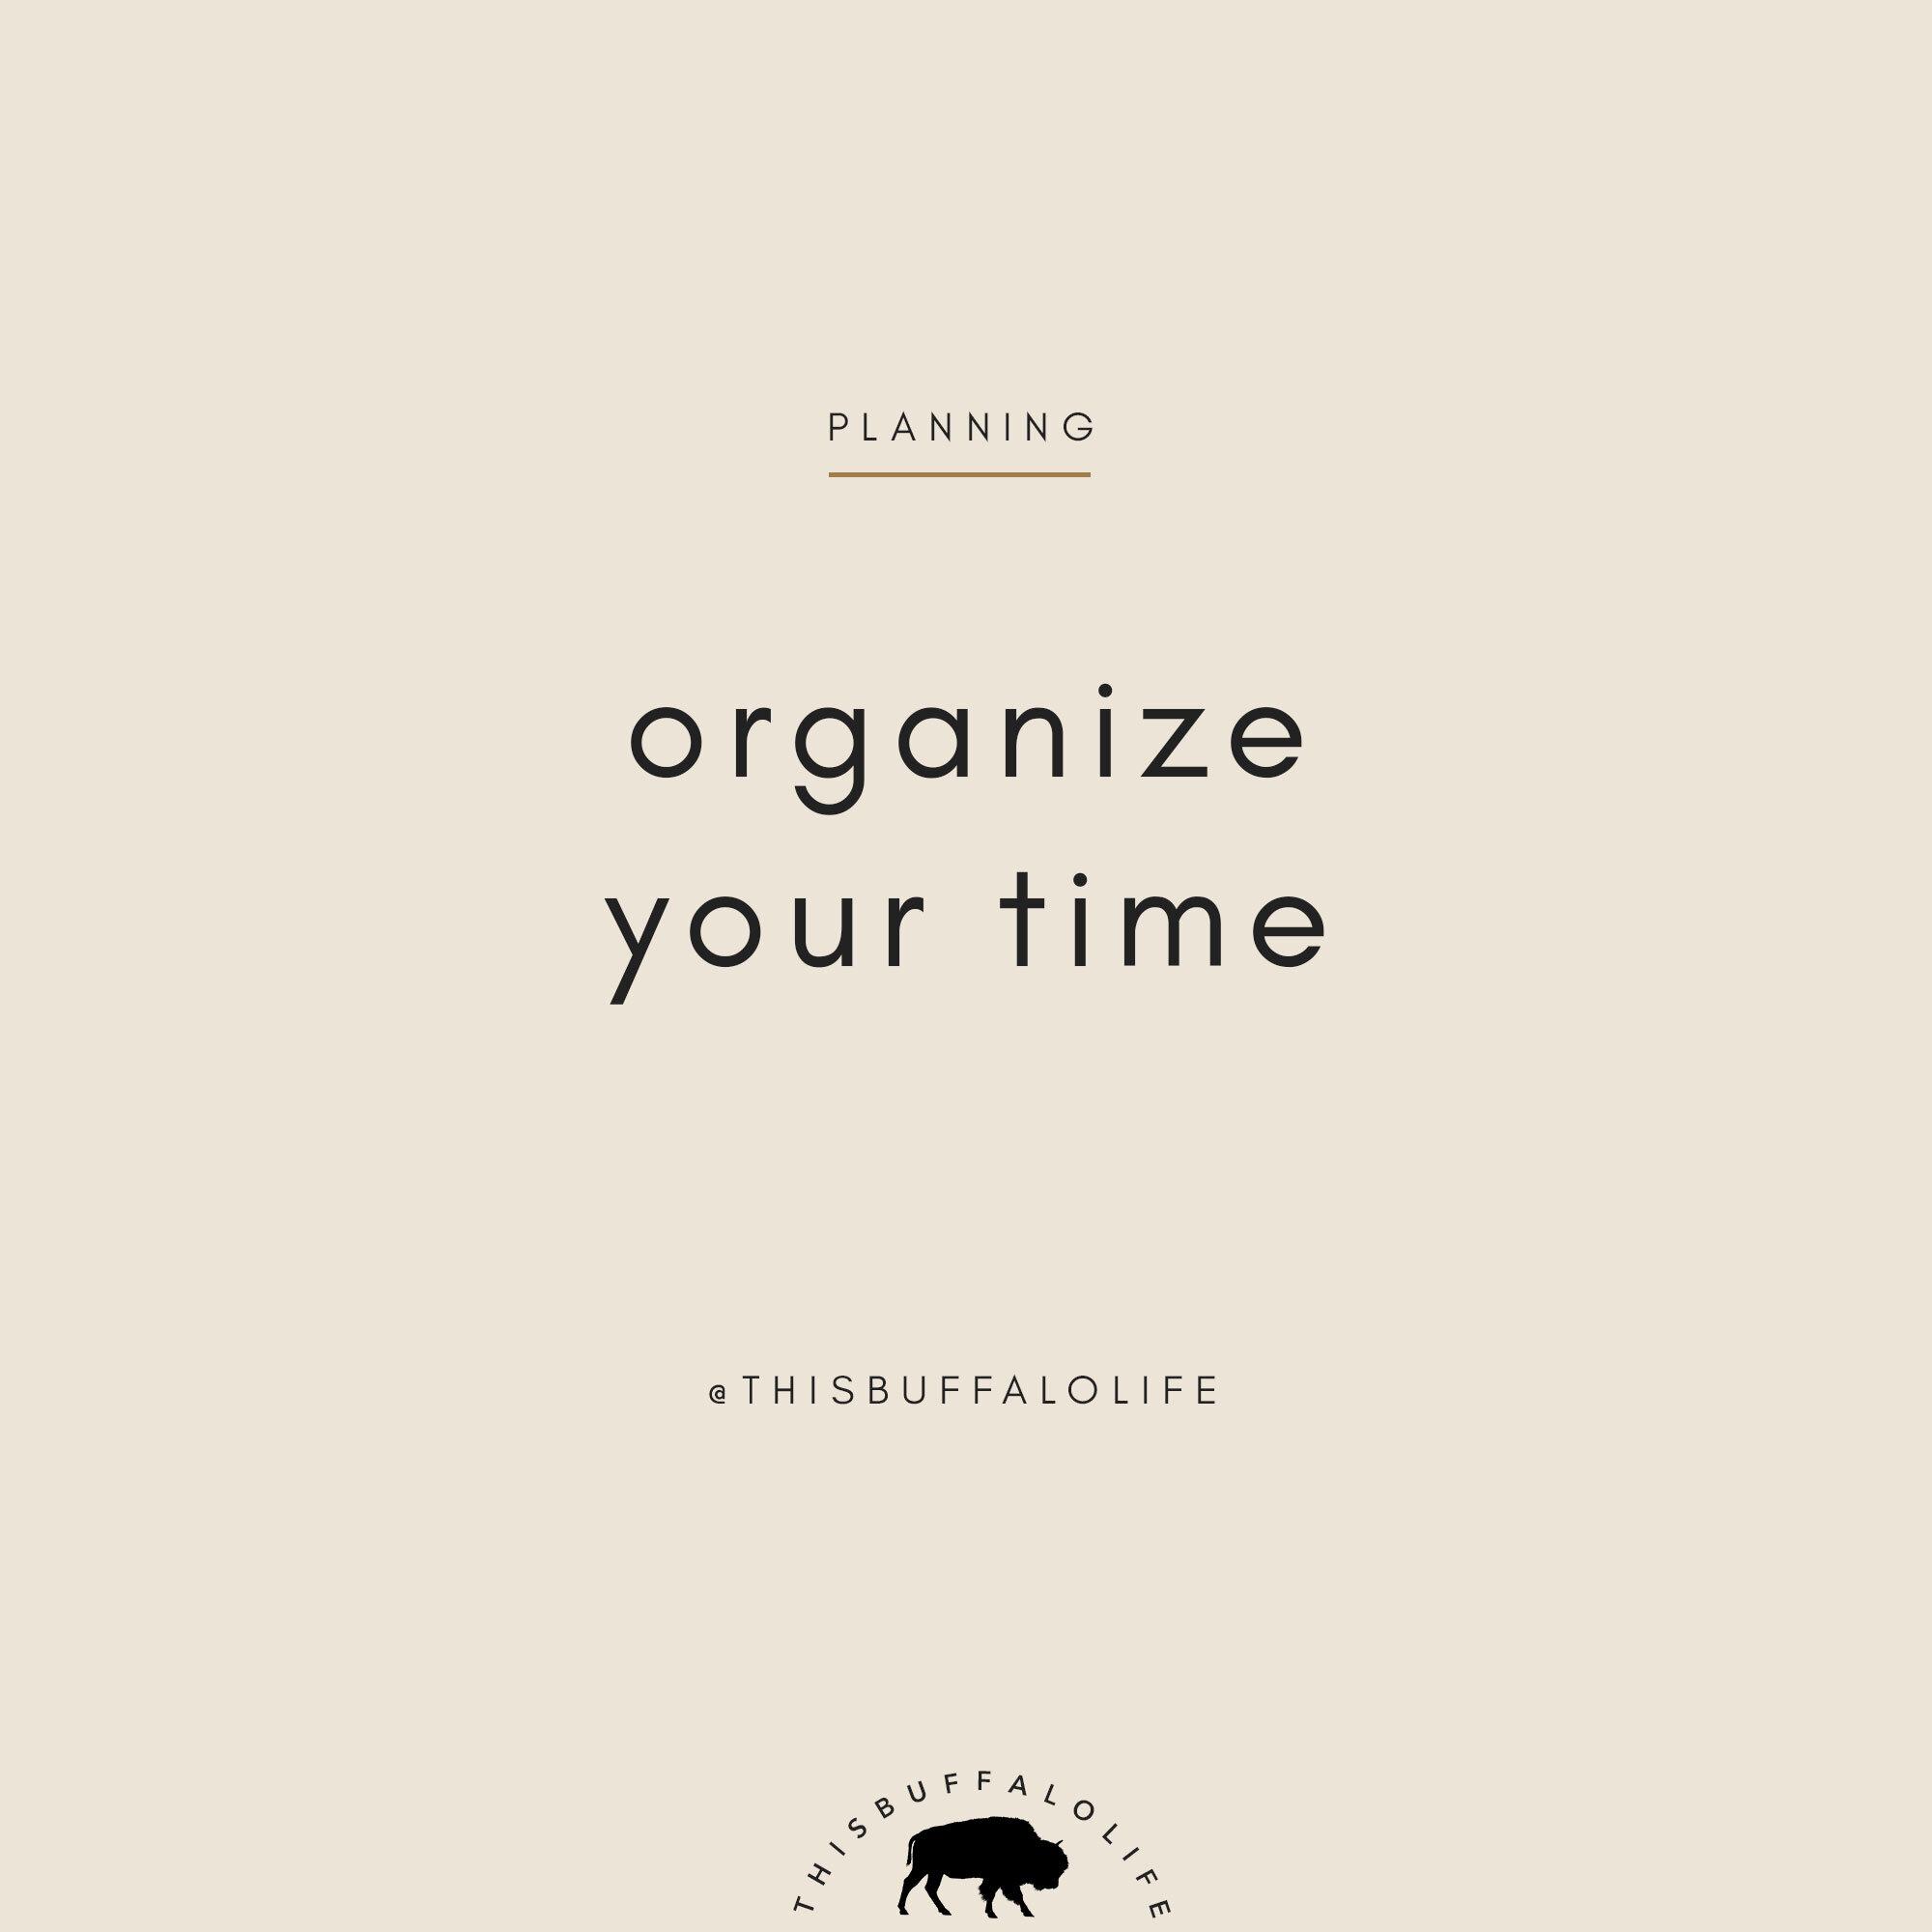 organize-time.jpg